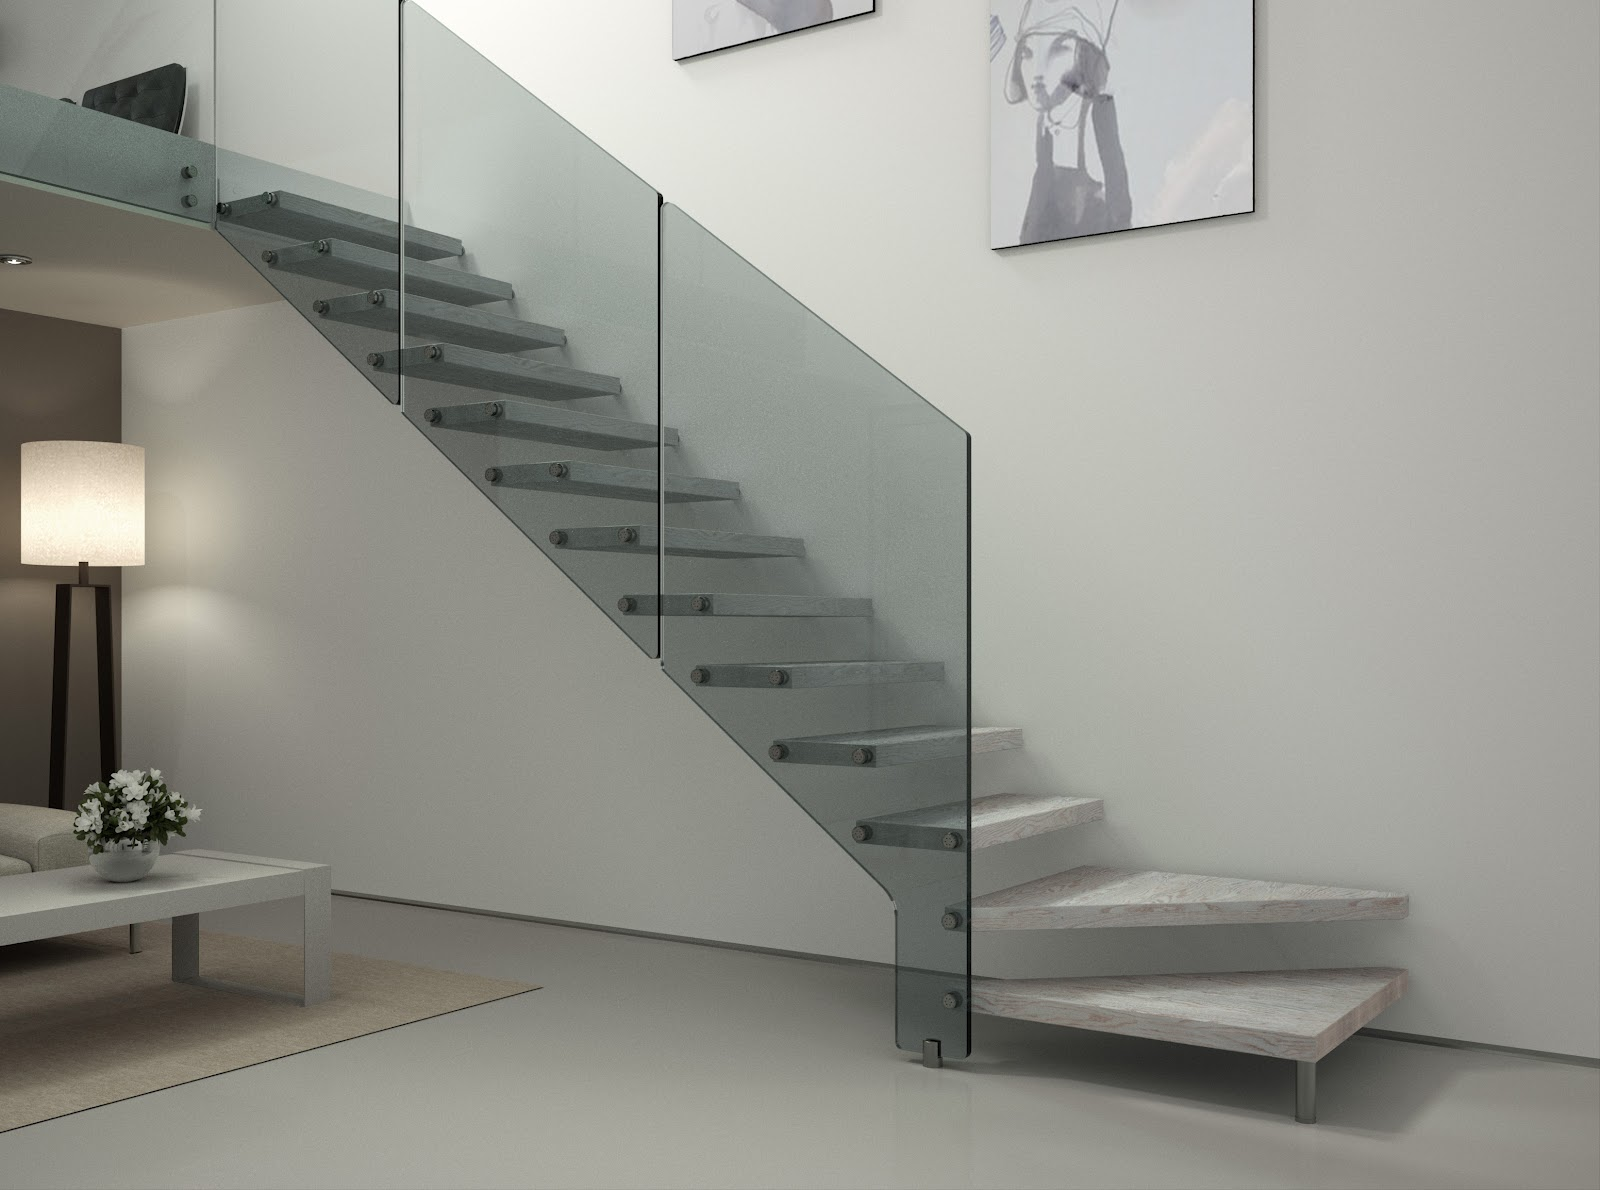 Barandillas y escaleras vidrosvazquez - Escaleras de cristal y madera ...